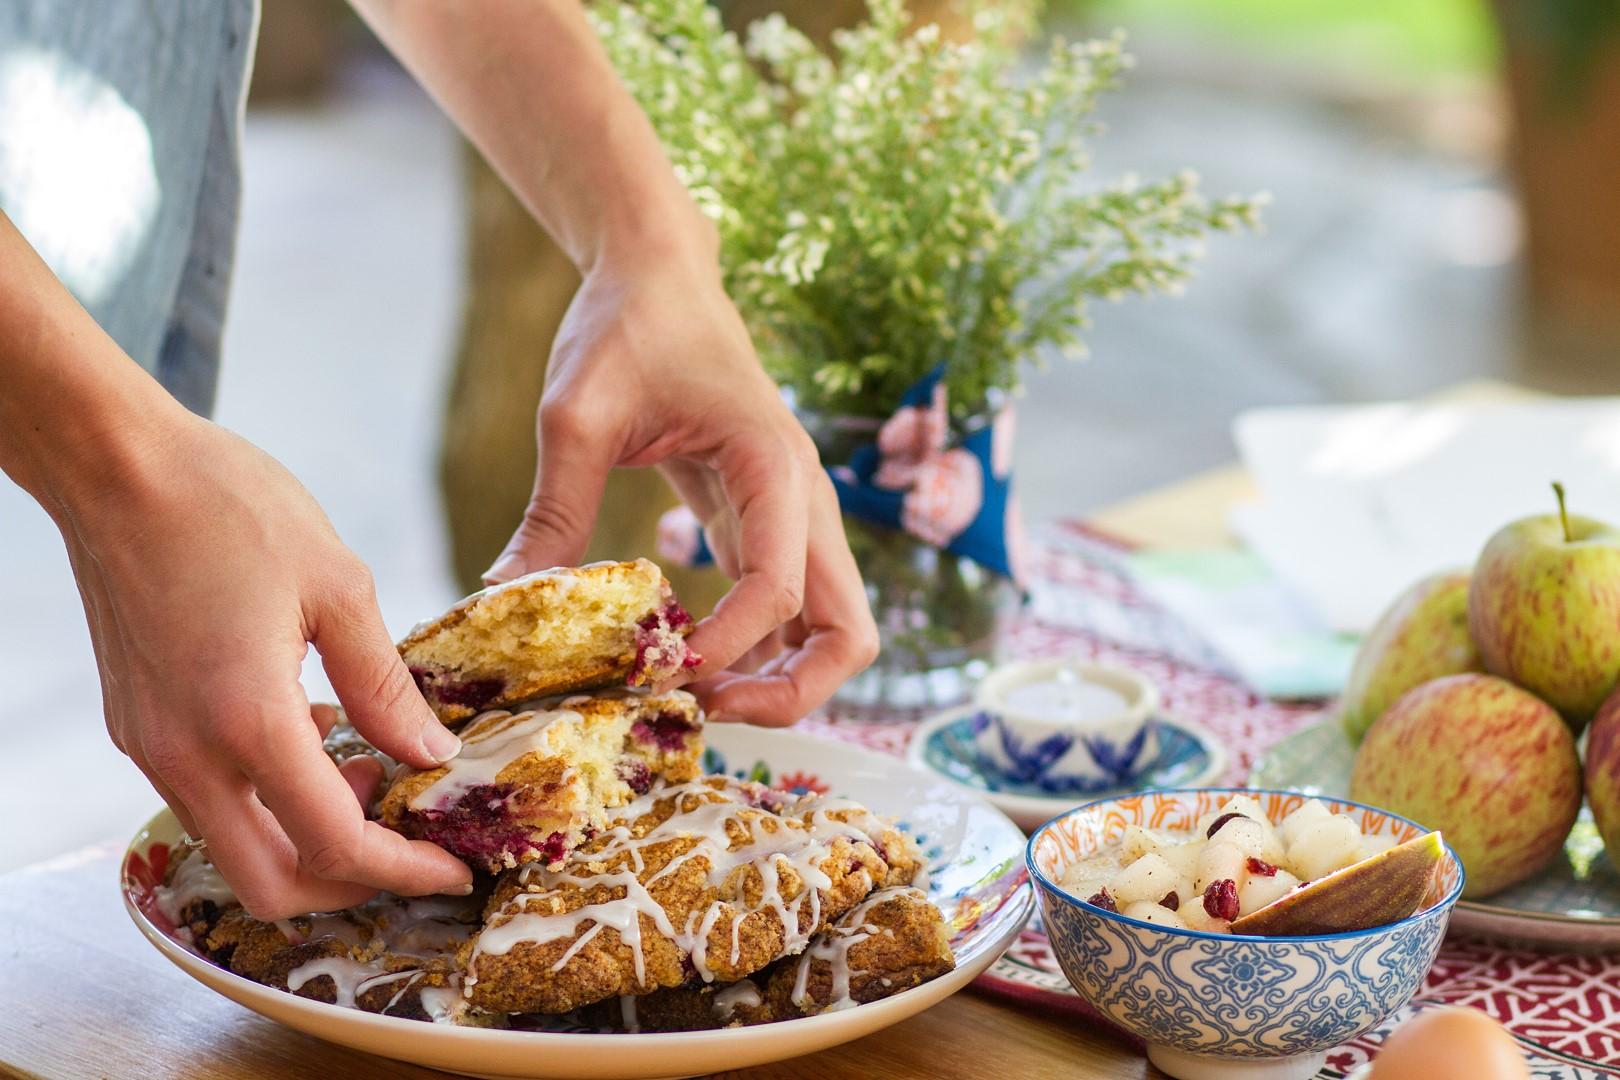 poner la mesa, la compañía del oriente, sur la table, blog, desayuno, receta, scones, mermelada